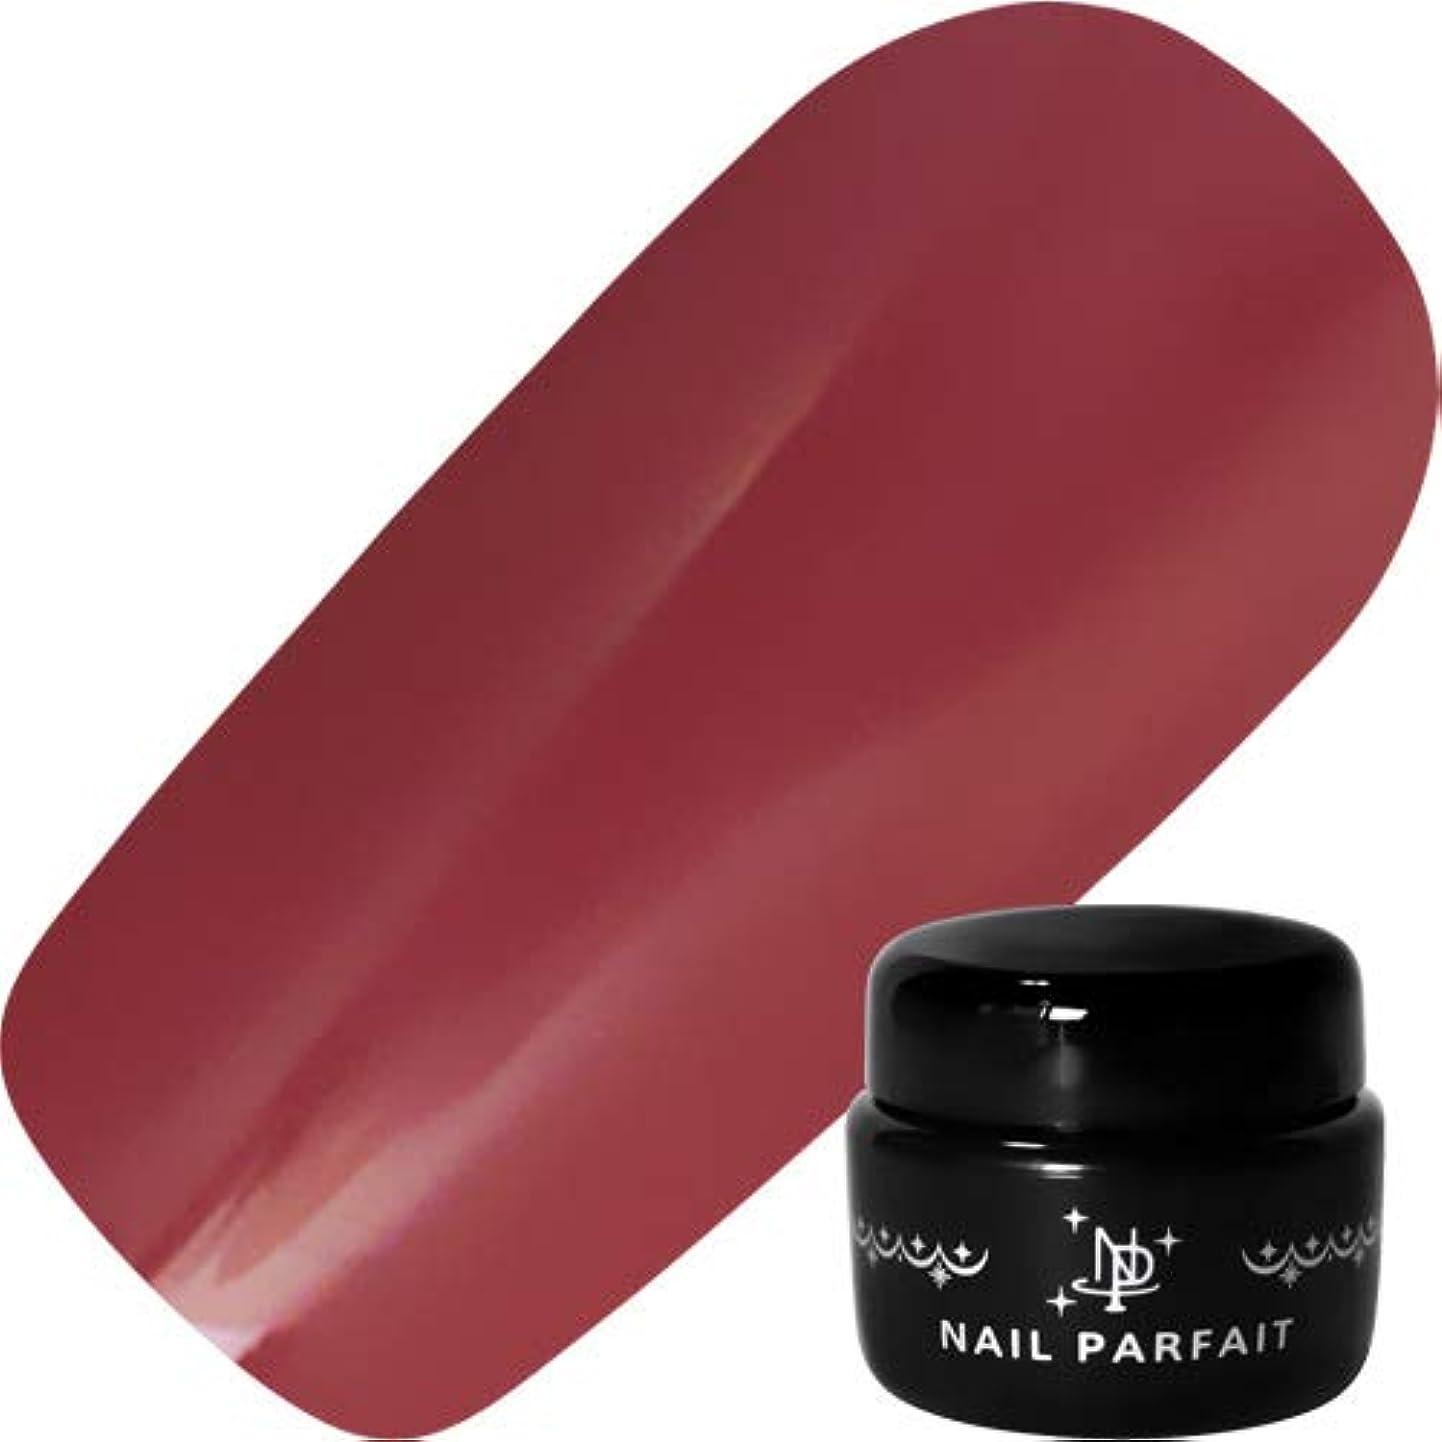 周囲太い化学者NAIL PARFAIT ネイルパフェ カラージェル 121 サングリア 2g 【ジェル/カラージェル?ネイル用品】